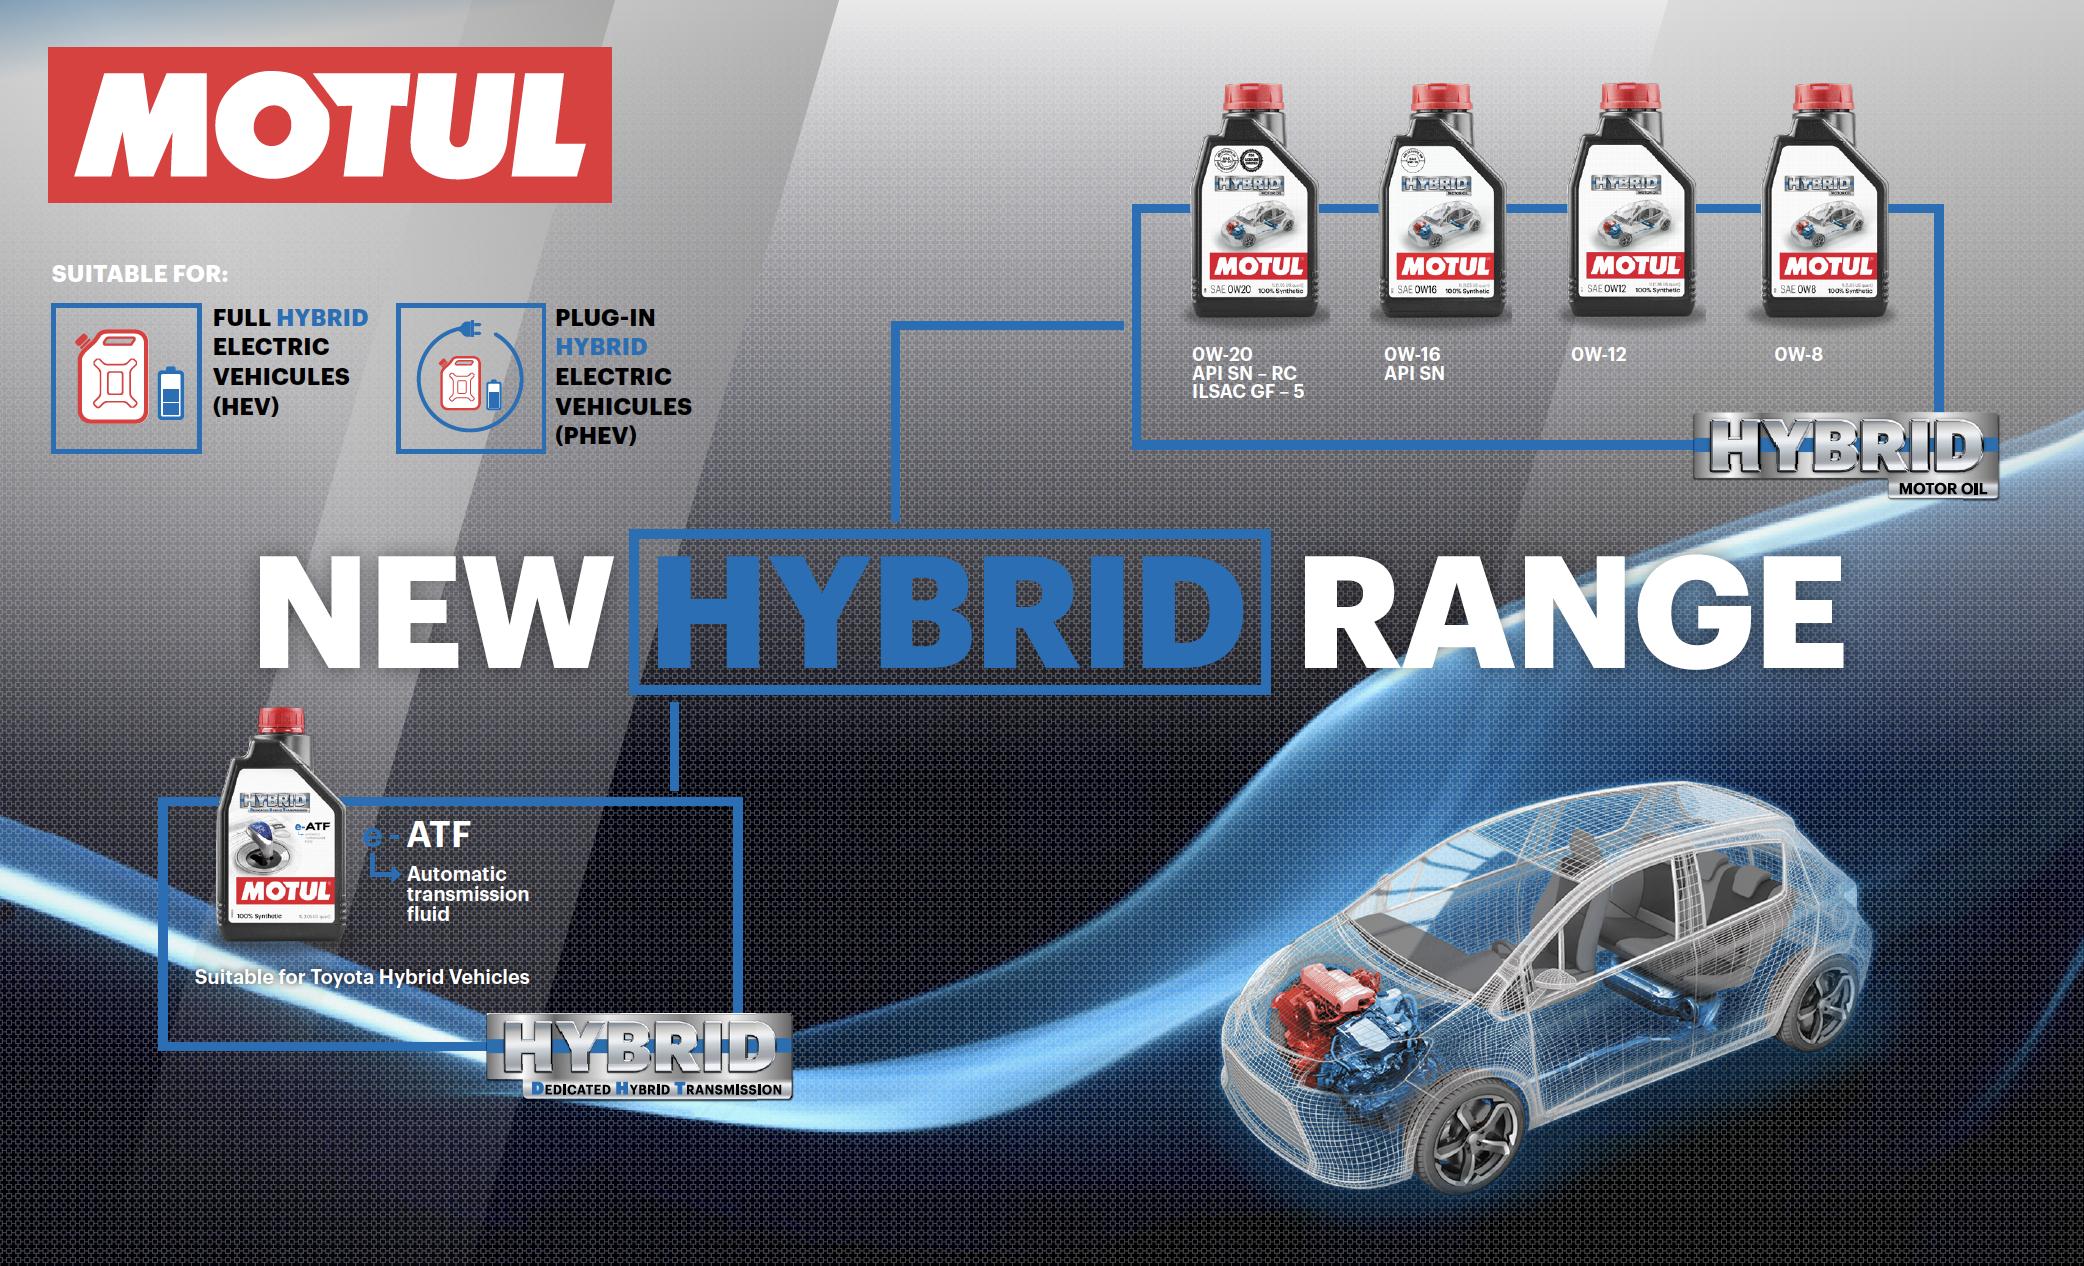 Motul presentó un nuevo producto de la gama Hybrid  en Automechanika 2018